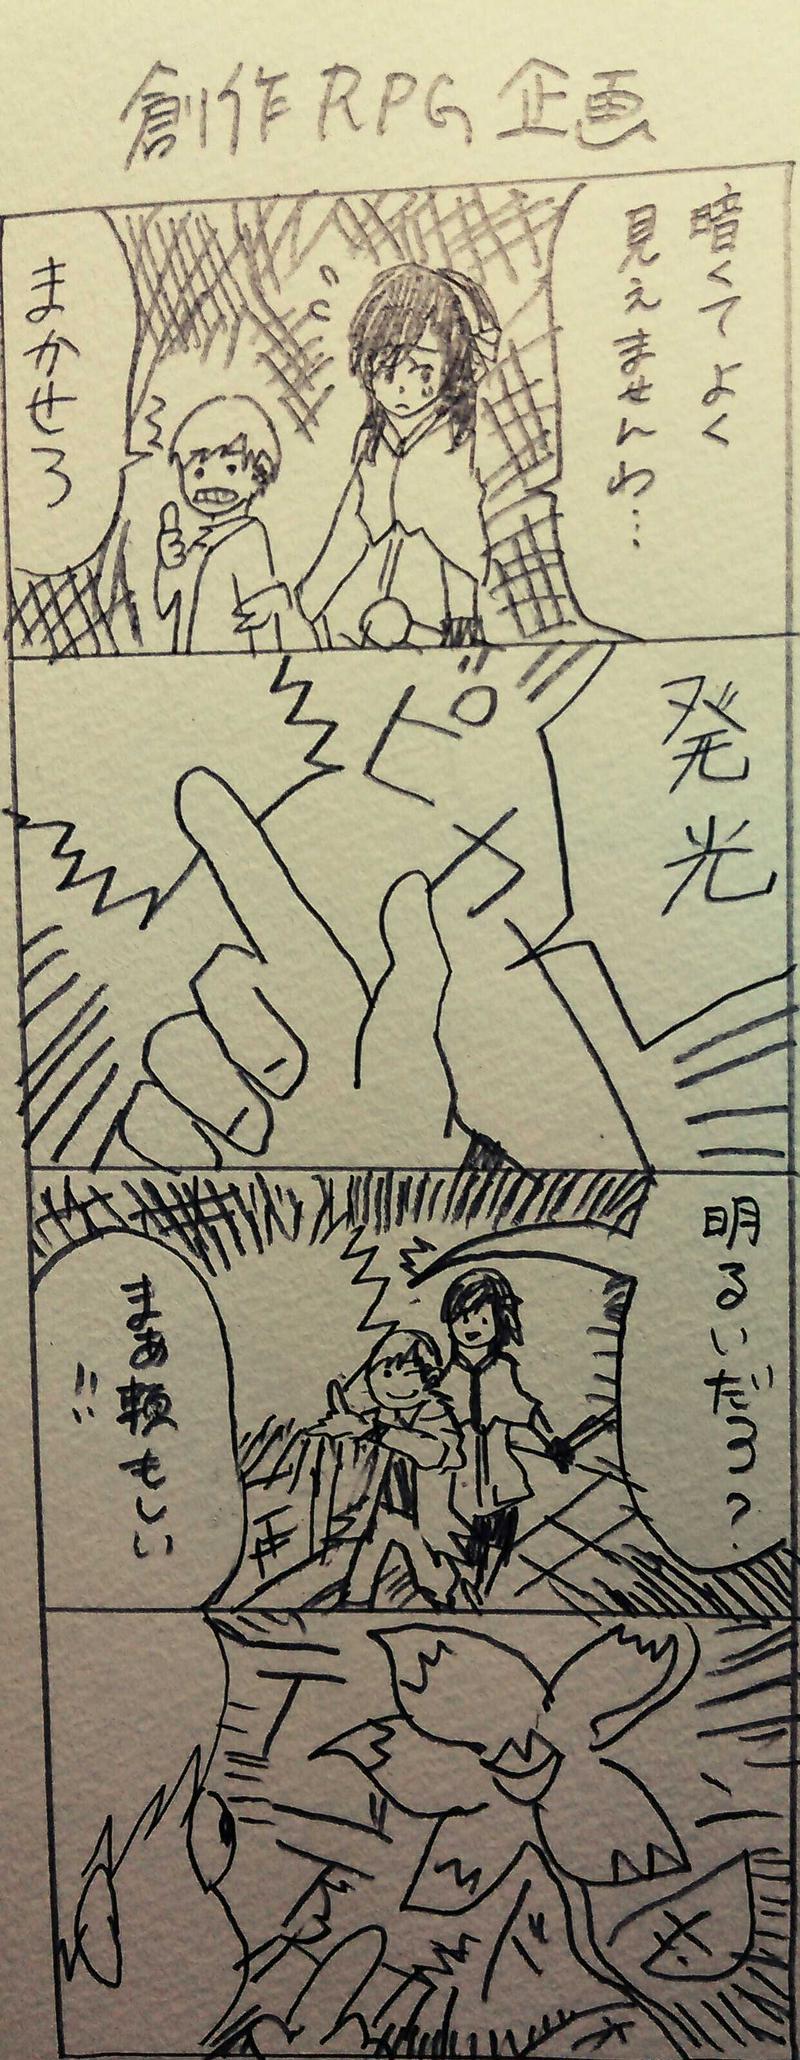 電ちゃん戦記 レッツダンジョン!